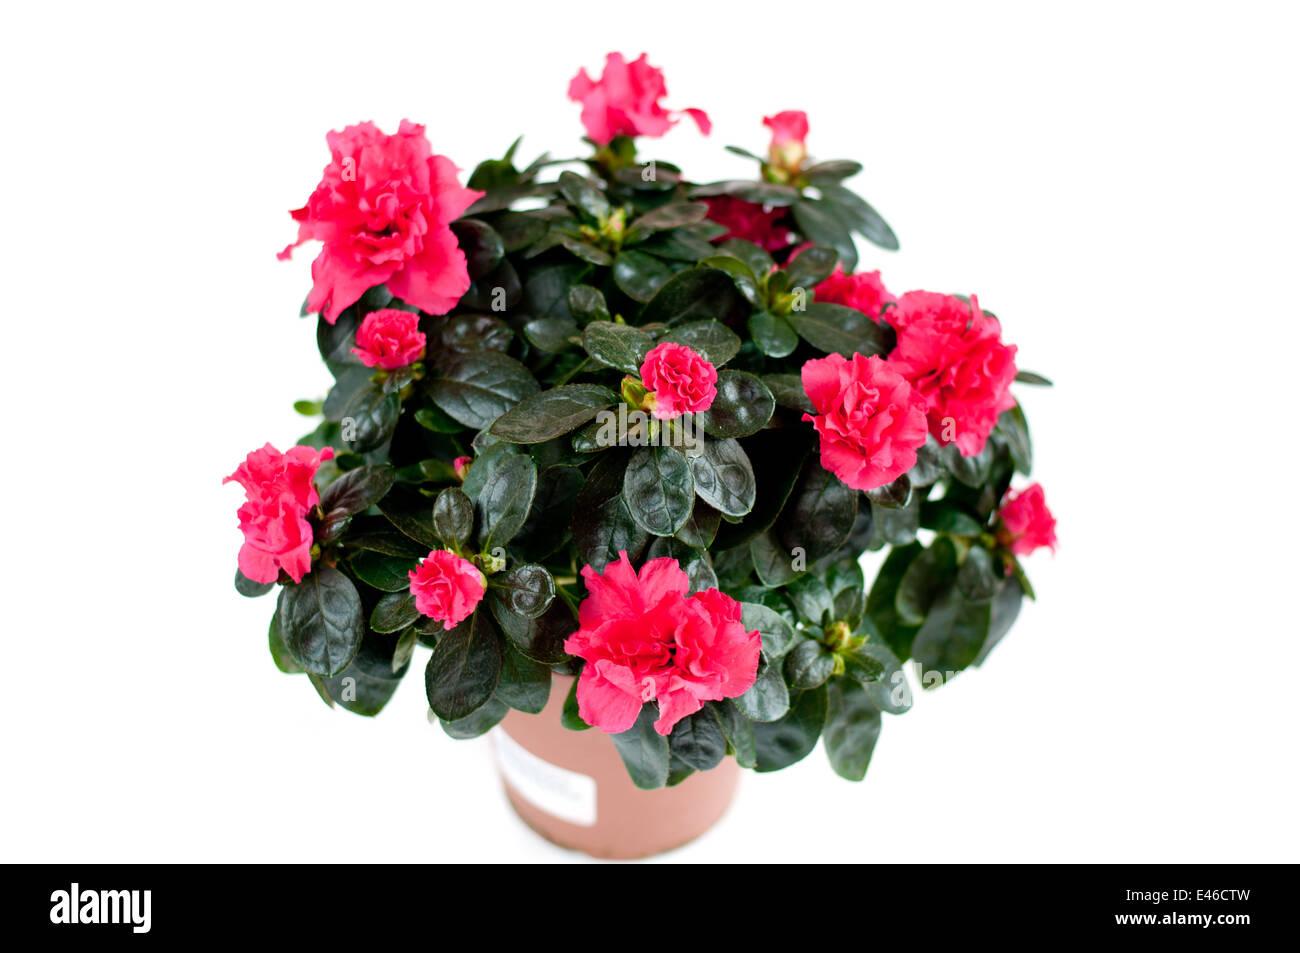 Blume Zimmerpflanze Azalee Topf Nach Hause Bluhenden Blumen Rosa